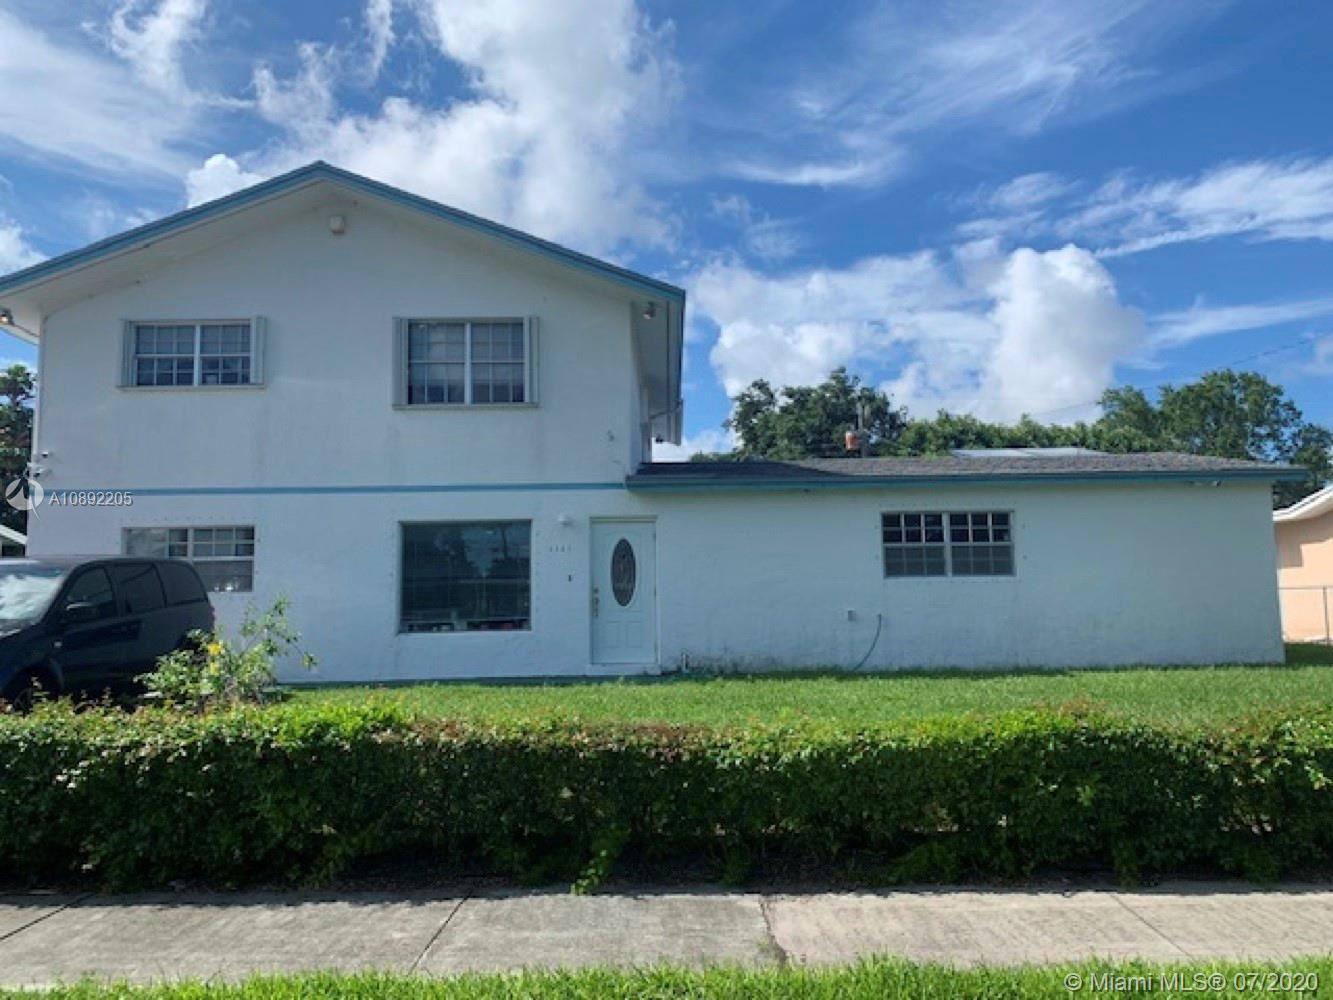 1321 NE 209th Ter, Miami, FL 33179 - #: A10892205